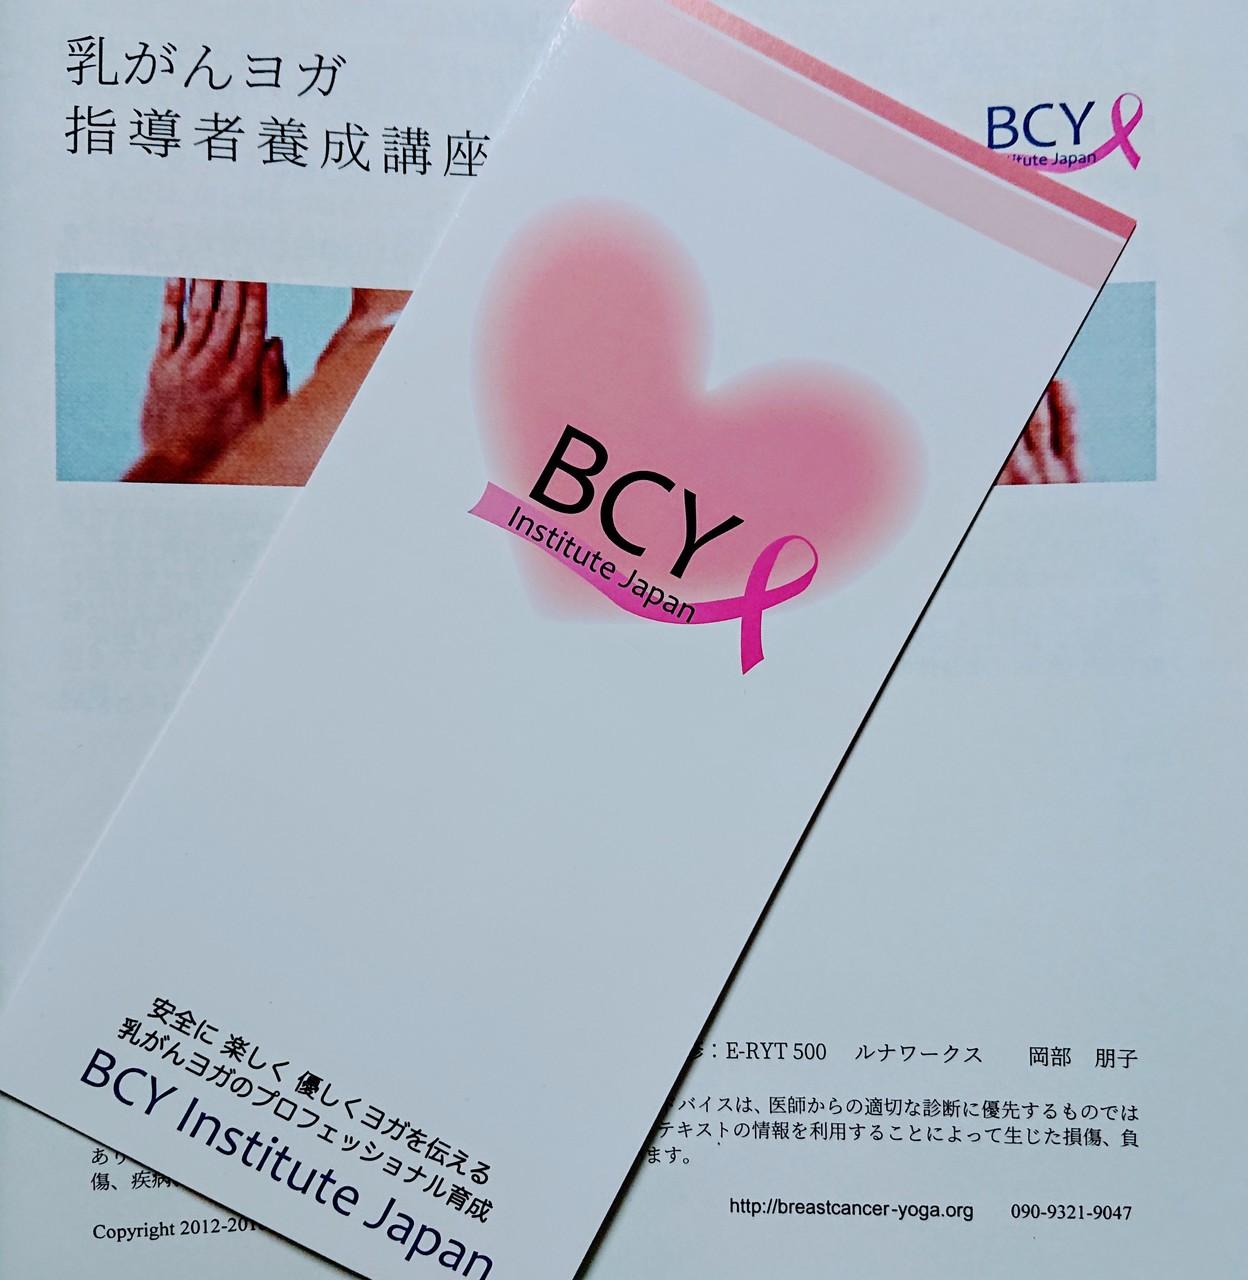 BCY勉強会《11/23》福岡